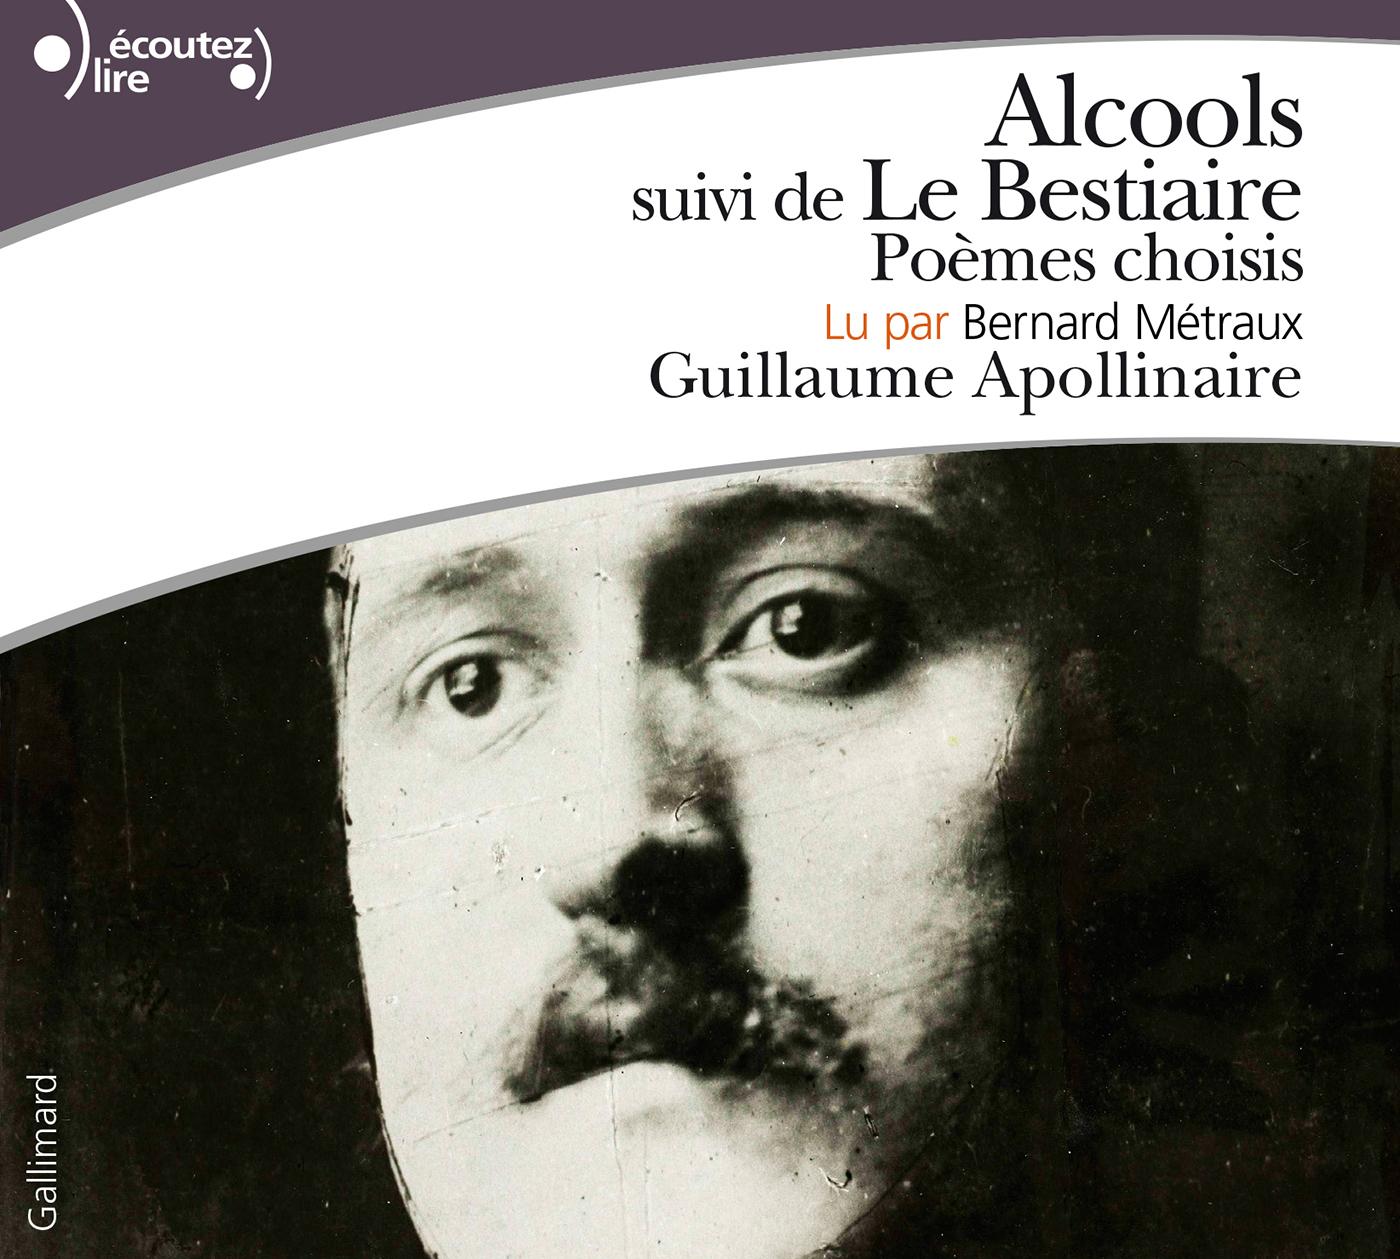 Alcools / Le Bestiaire. Poèmes choisis